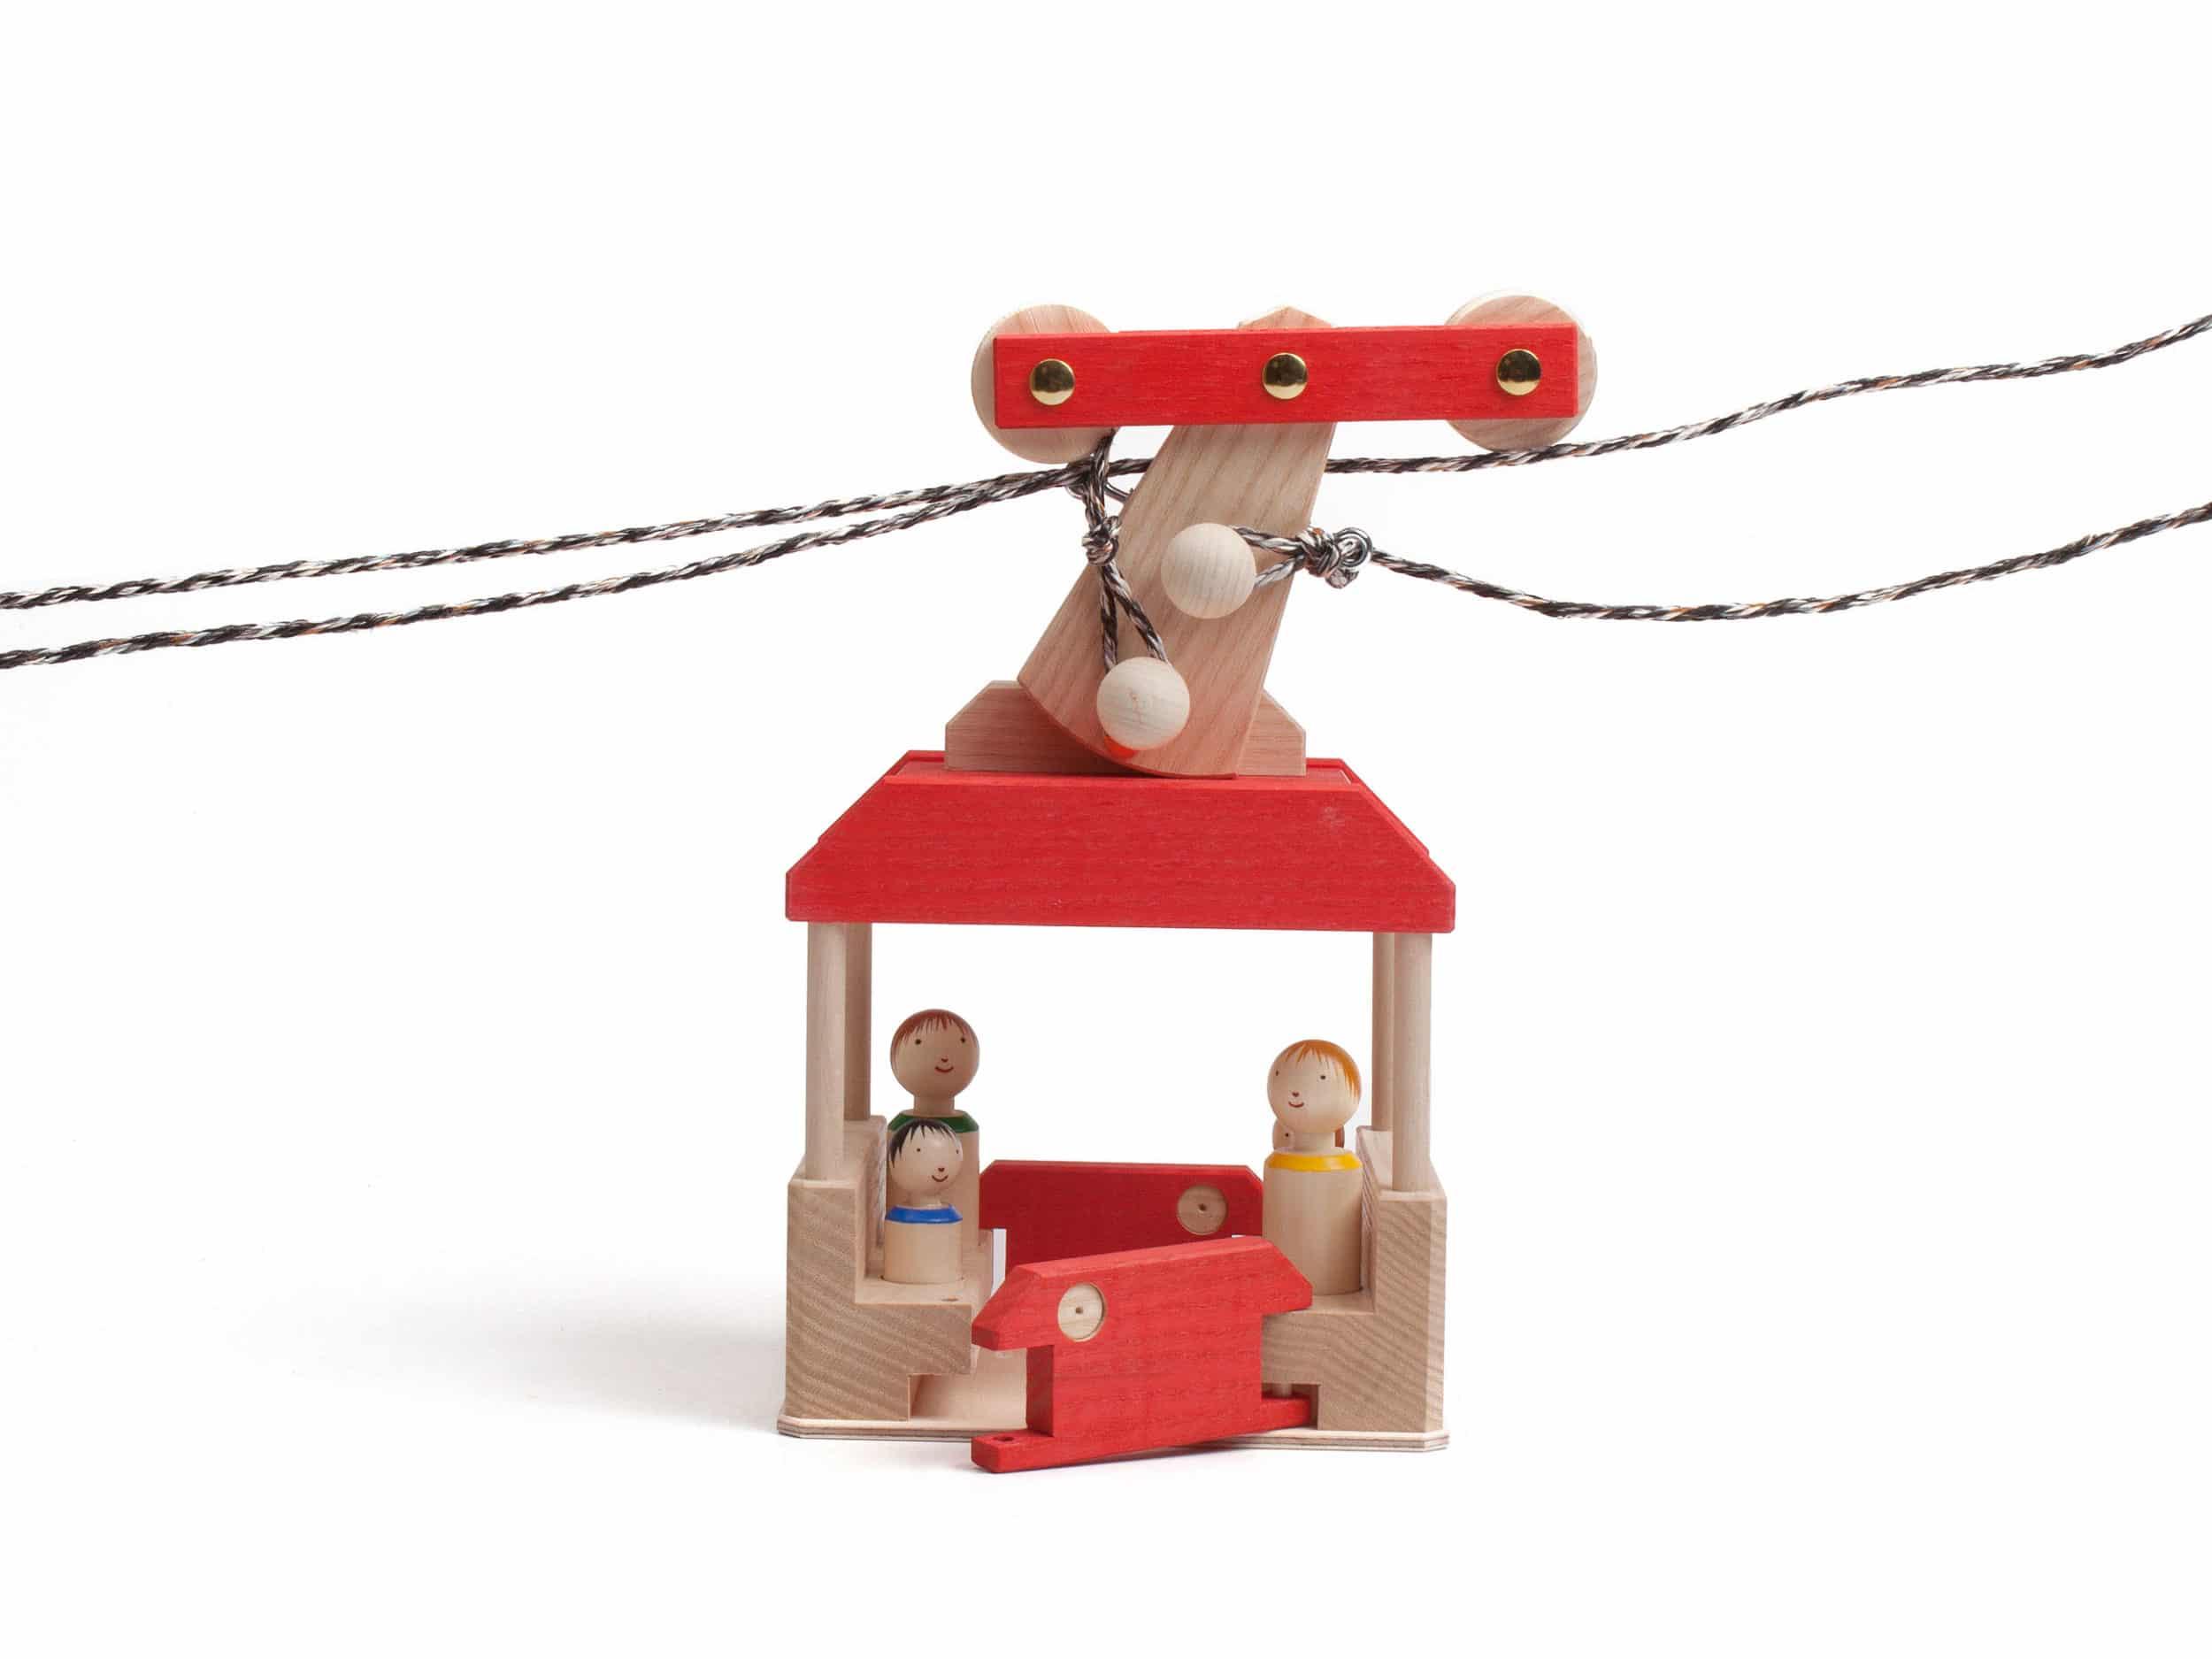 Schweizer Seilbahn Spielzeug Kaufen Kurts Swiss Fair